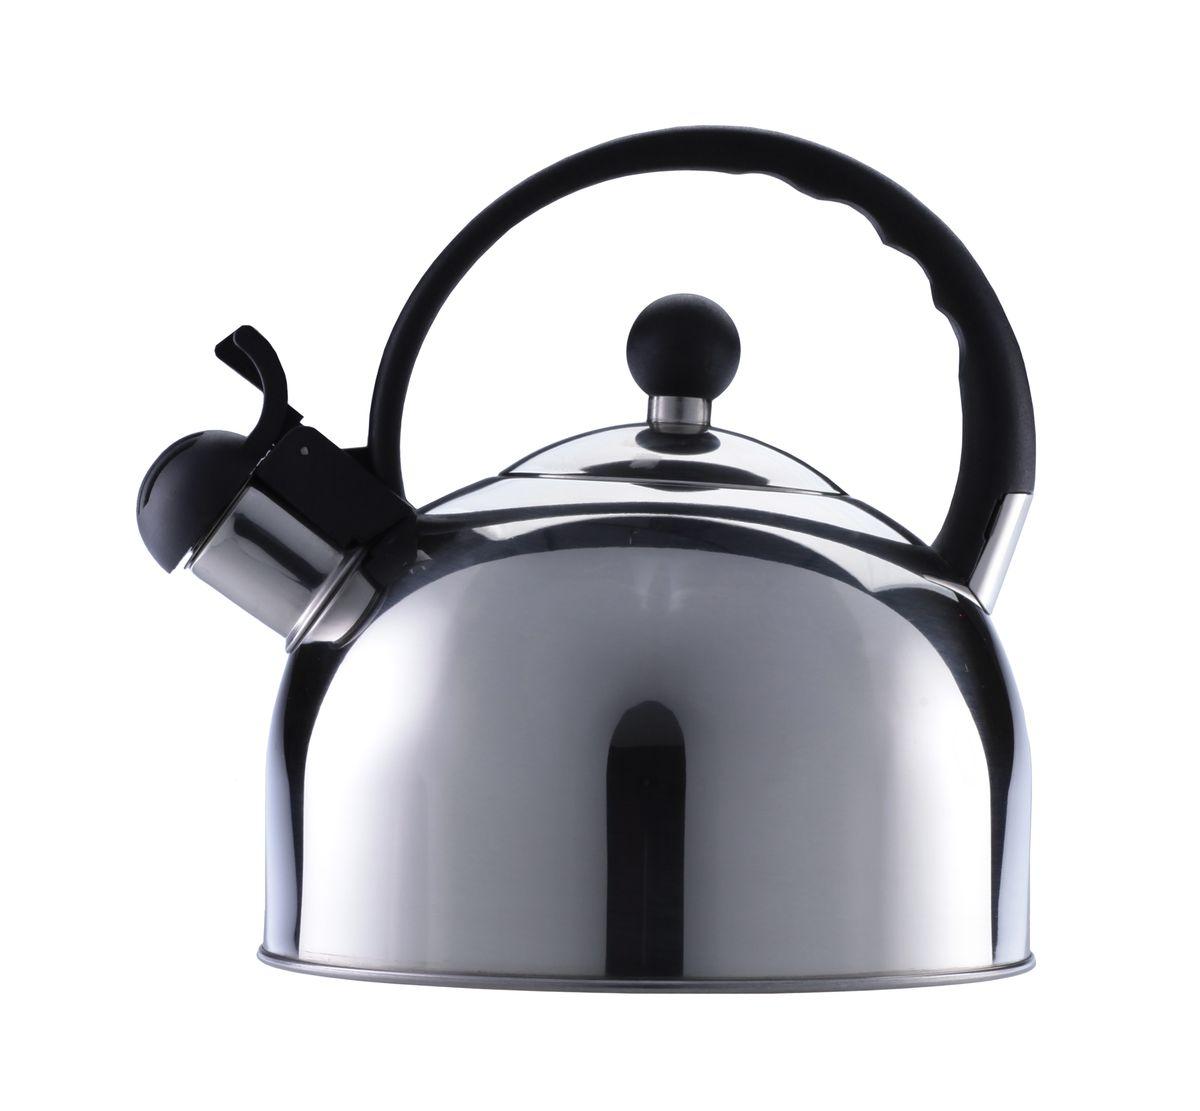 Никто не расскажет об истинно британском качестве лучше, чем Walmer! Практичный чайник, изготовленный из нержавеющей стали, снабженный термоизолированной ручкой из бакелита и свистком, станет вашим верным помощником – сообщит о закипании и позволит безопасно налить кипяток. Вскипятить 2,5 литра воды буквально за несколько минут? С чайником от Walmer это возможно! Он оборудован трехслойным дном: использование в нем алюминиевого слоя позволяет максимально быстро нагревать весь объем содержимого. Чайник выполнен в элегантном, минималистичном стиле – холодный блеск нержавеющей стали отлично гармонирует с любой цветовой палитрой посуды на современной кухне. Свисток чайника одновременно выполняет и защитную функцию, закрывая носик и блокируя путь брызгам воды при закипании – оборудованный предохранительной накладкой из бакелита, он никогда не станет причиной ожога. Представленный чайник от Walmer подходит для любых типов плит, включая индукционные. Его легко мыть, он не требует особенных усилий в уходе и, благодаря вытянутому по вертикали корпусу, экономит свободное место на плите или кухонной столешнице.